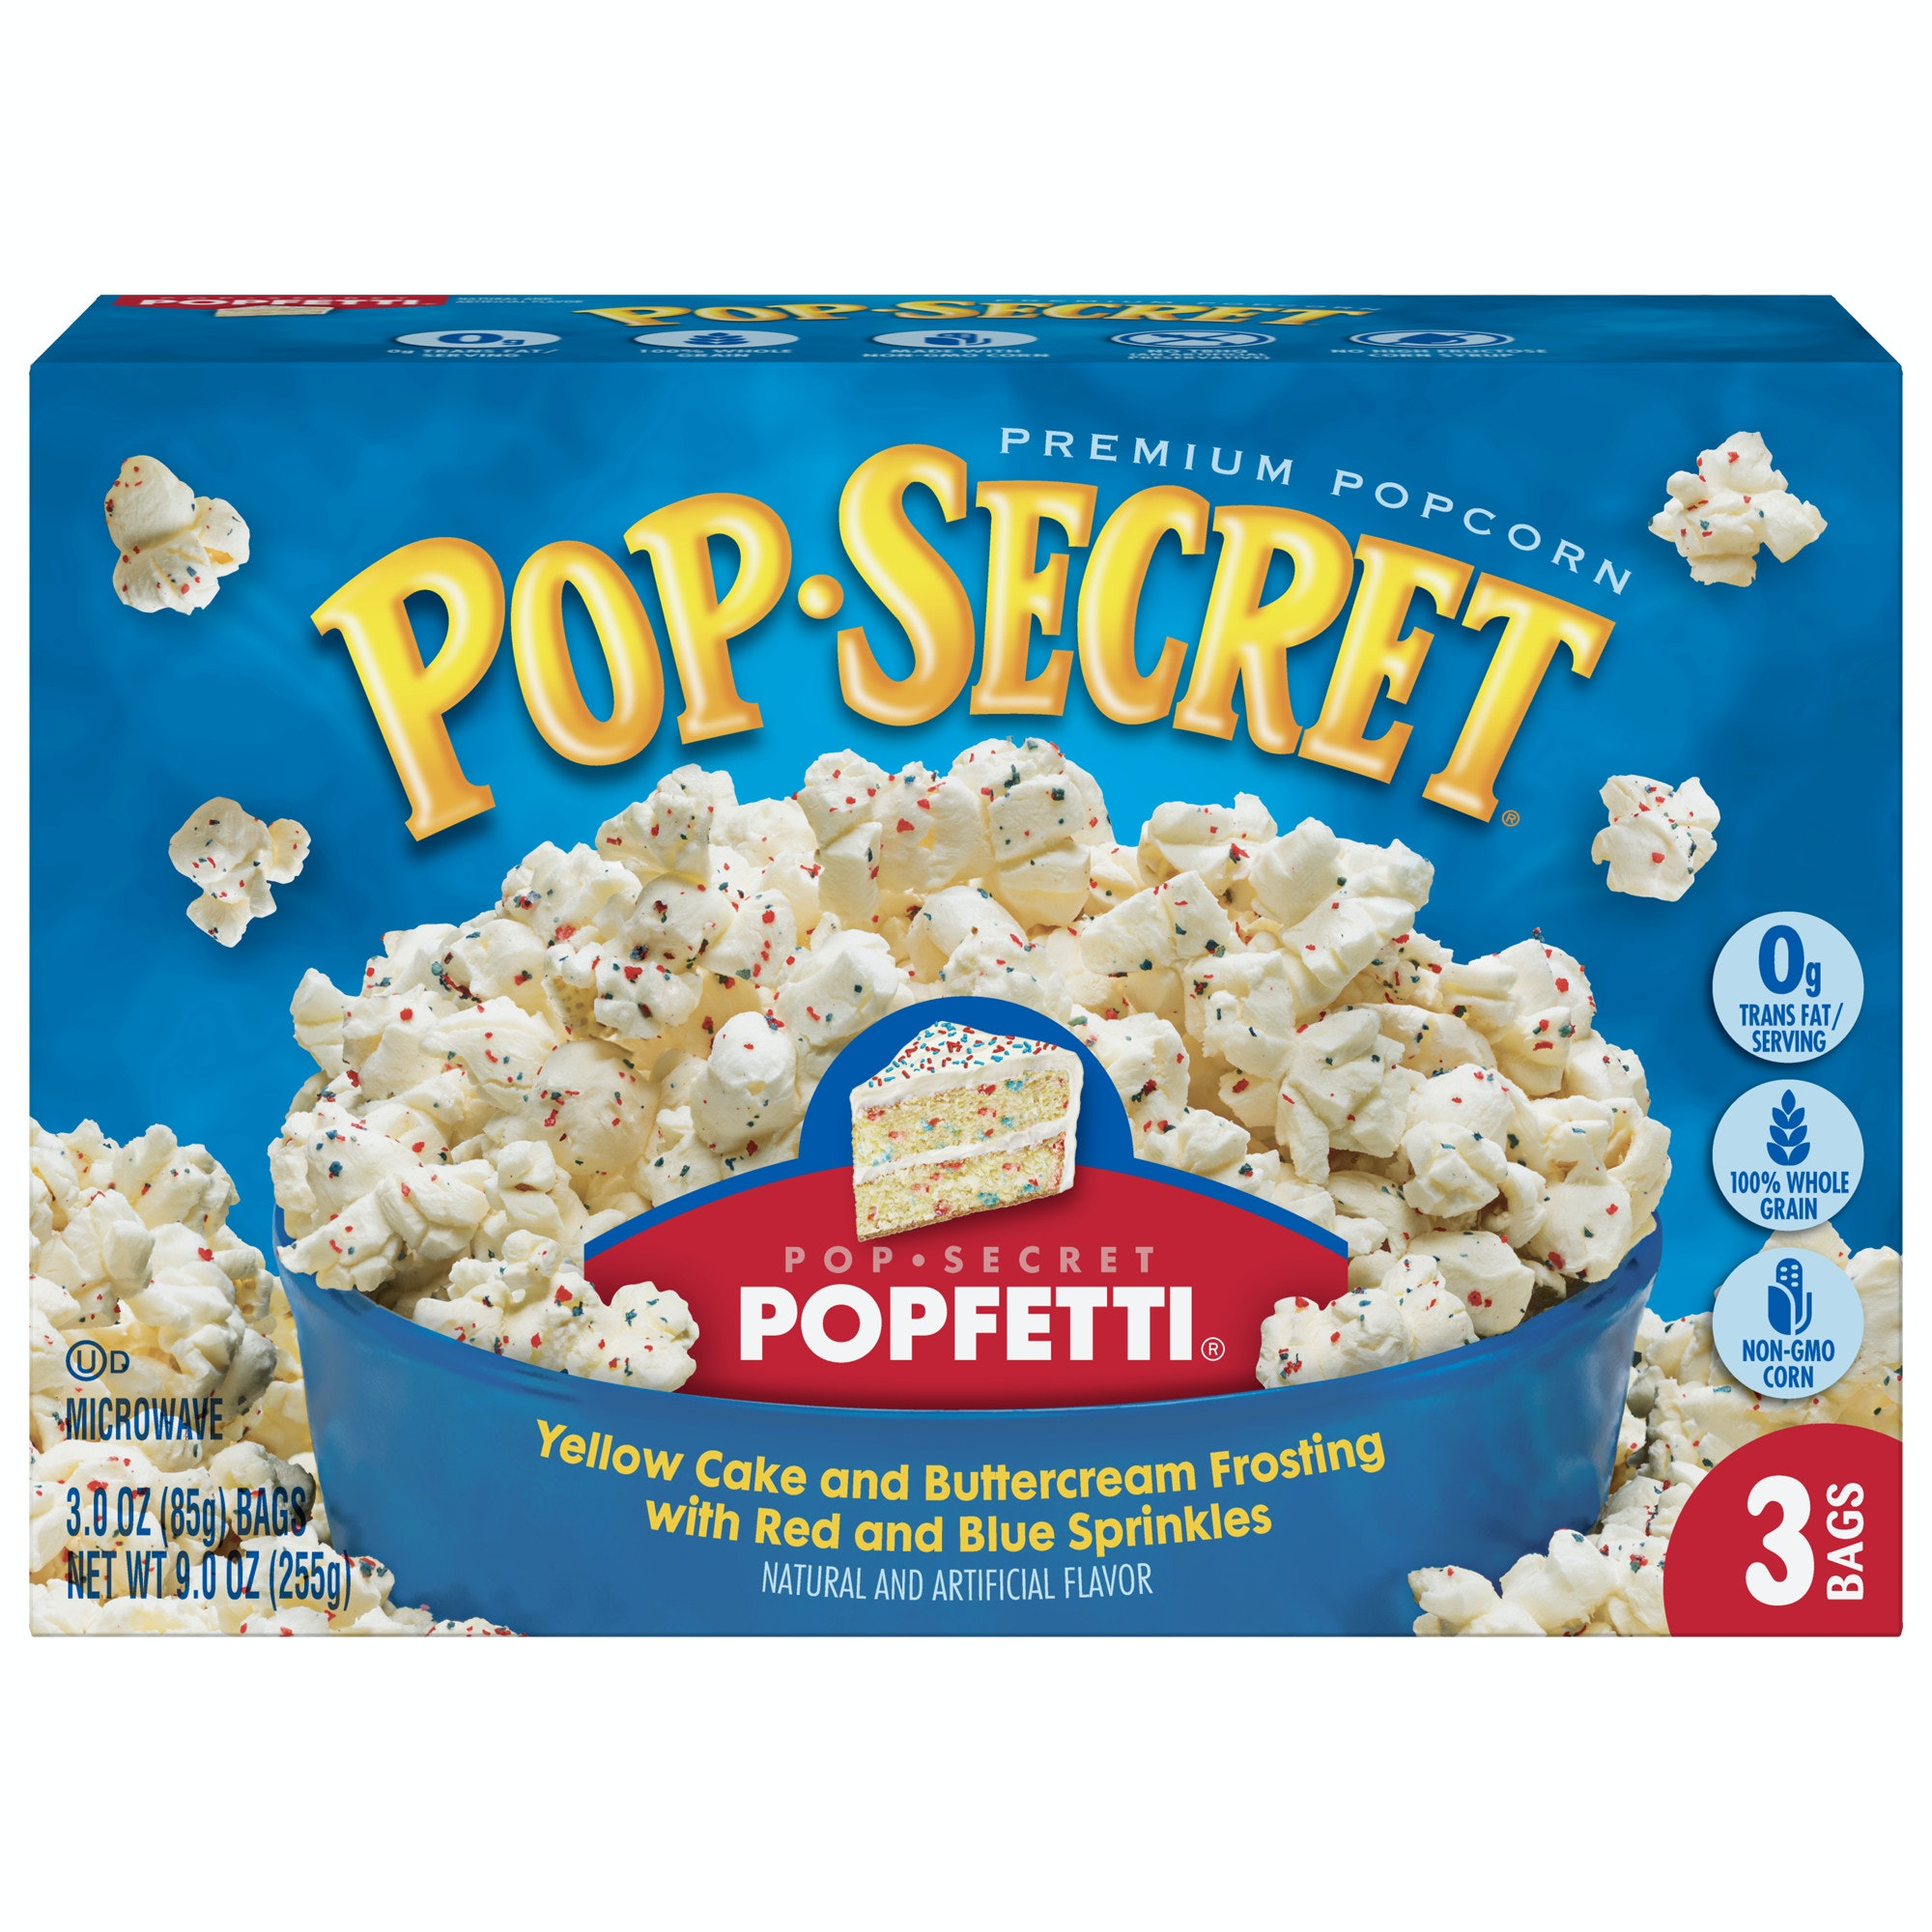 Pop Secret S Popfetti Popcorn Is Back